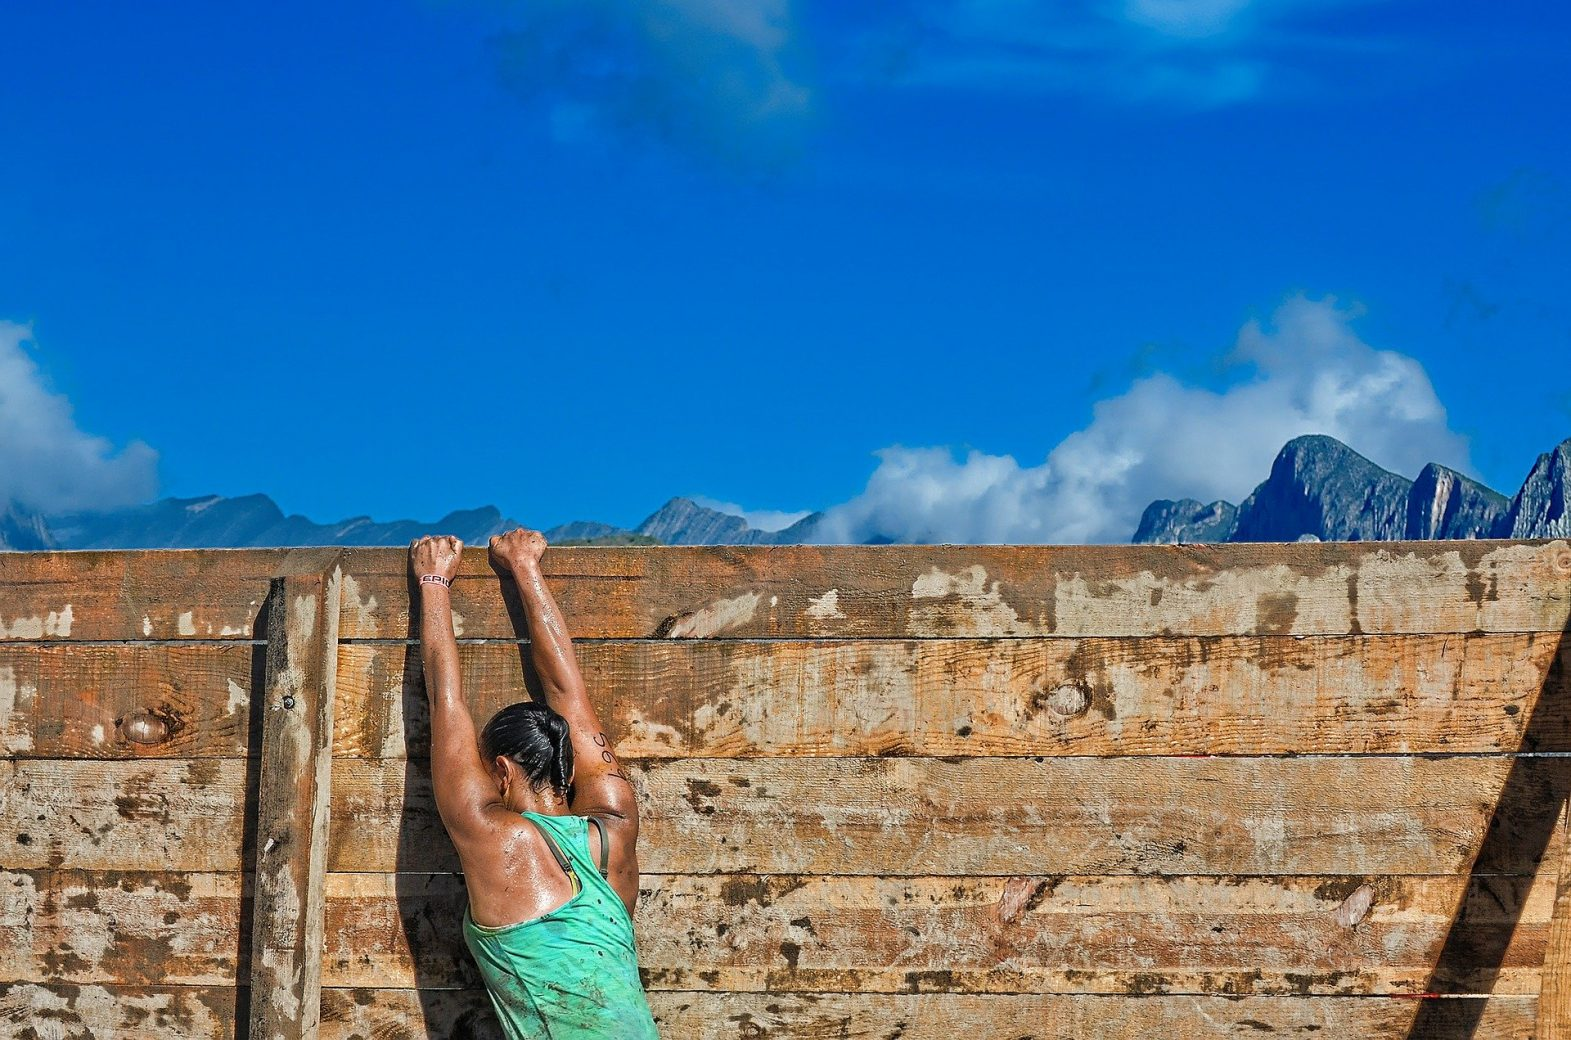 La volonté, 5 techniques pour changer vos mauvaises habitudes